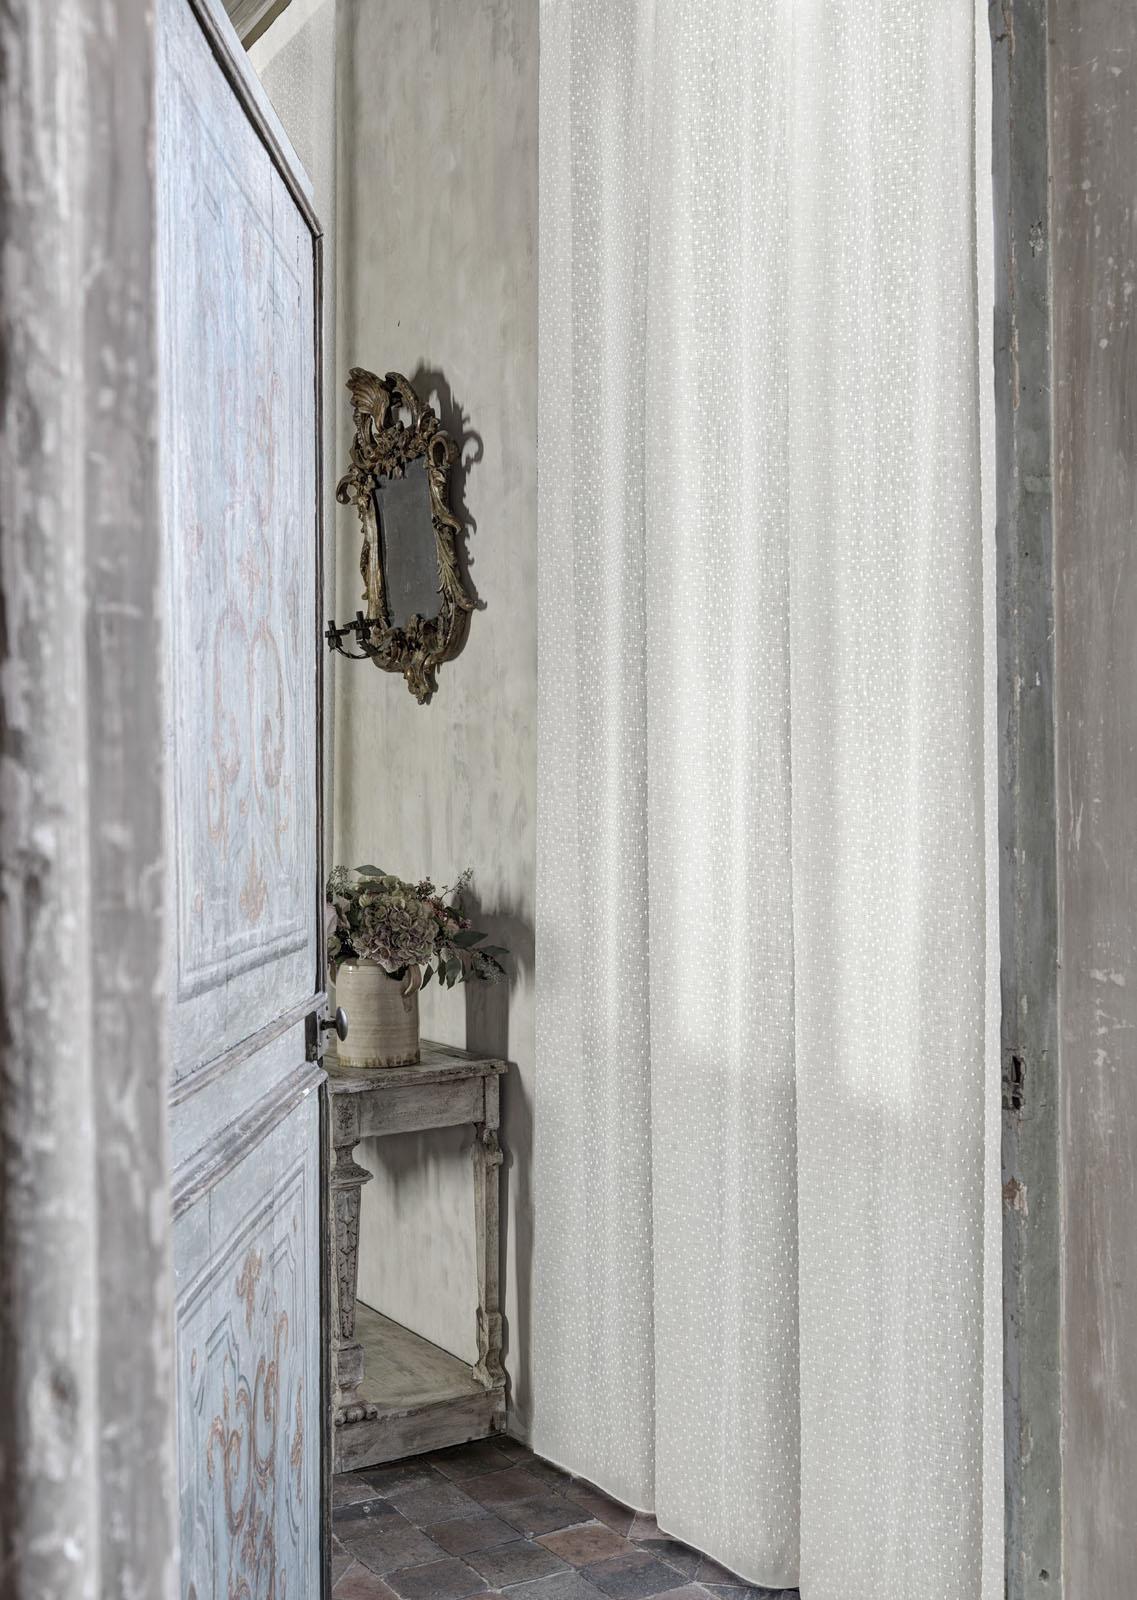 ciesse-tendaggi-collezione-home-articolo-pegaso-tessuti-verona-tessuti-per-confezione-su-misura-verona-sartoria-tendaggi-verona-interior-design-verona-tessuti-design-verona-tendaggi-verona-interno